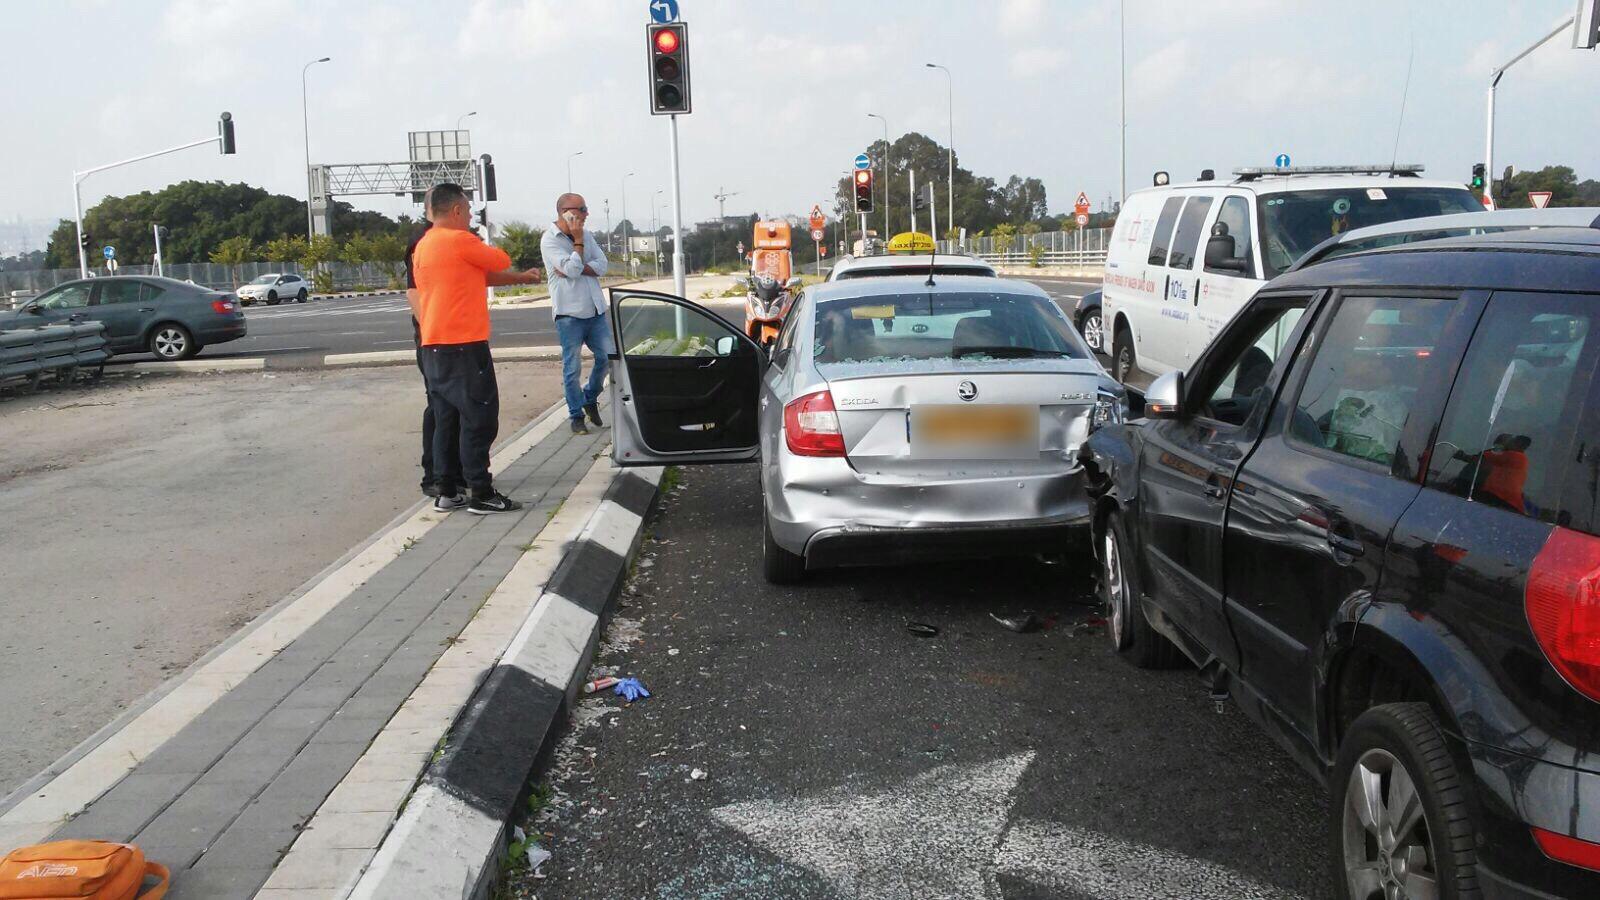 פצוע אנוש בתאונת דרכים במחלף אתא בכביש עוקף קריות